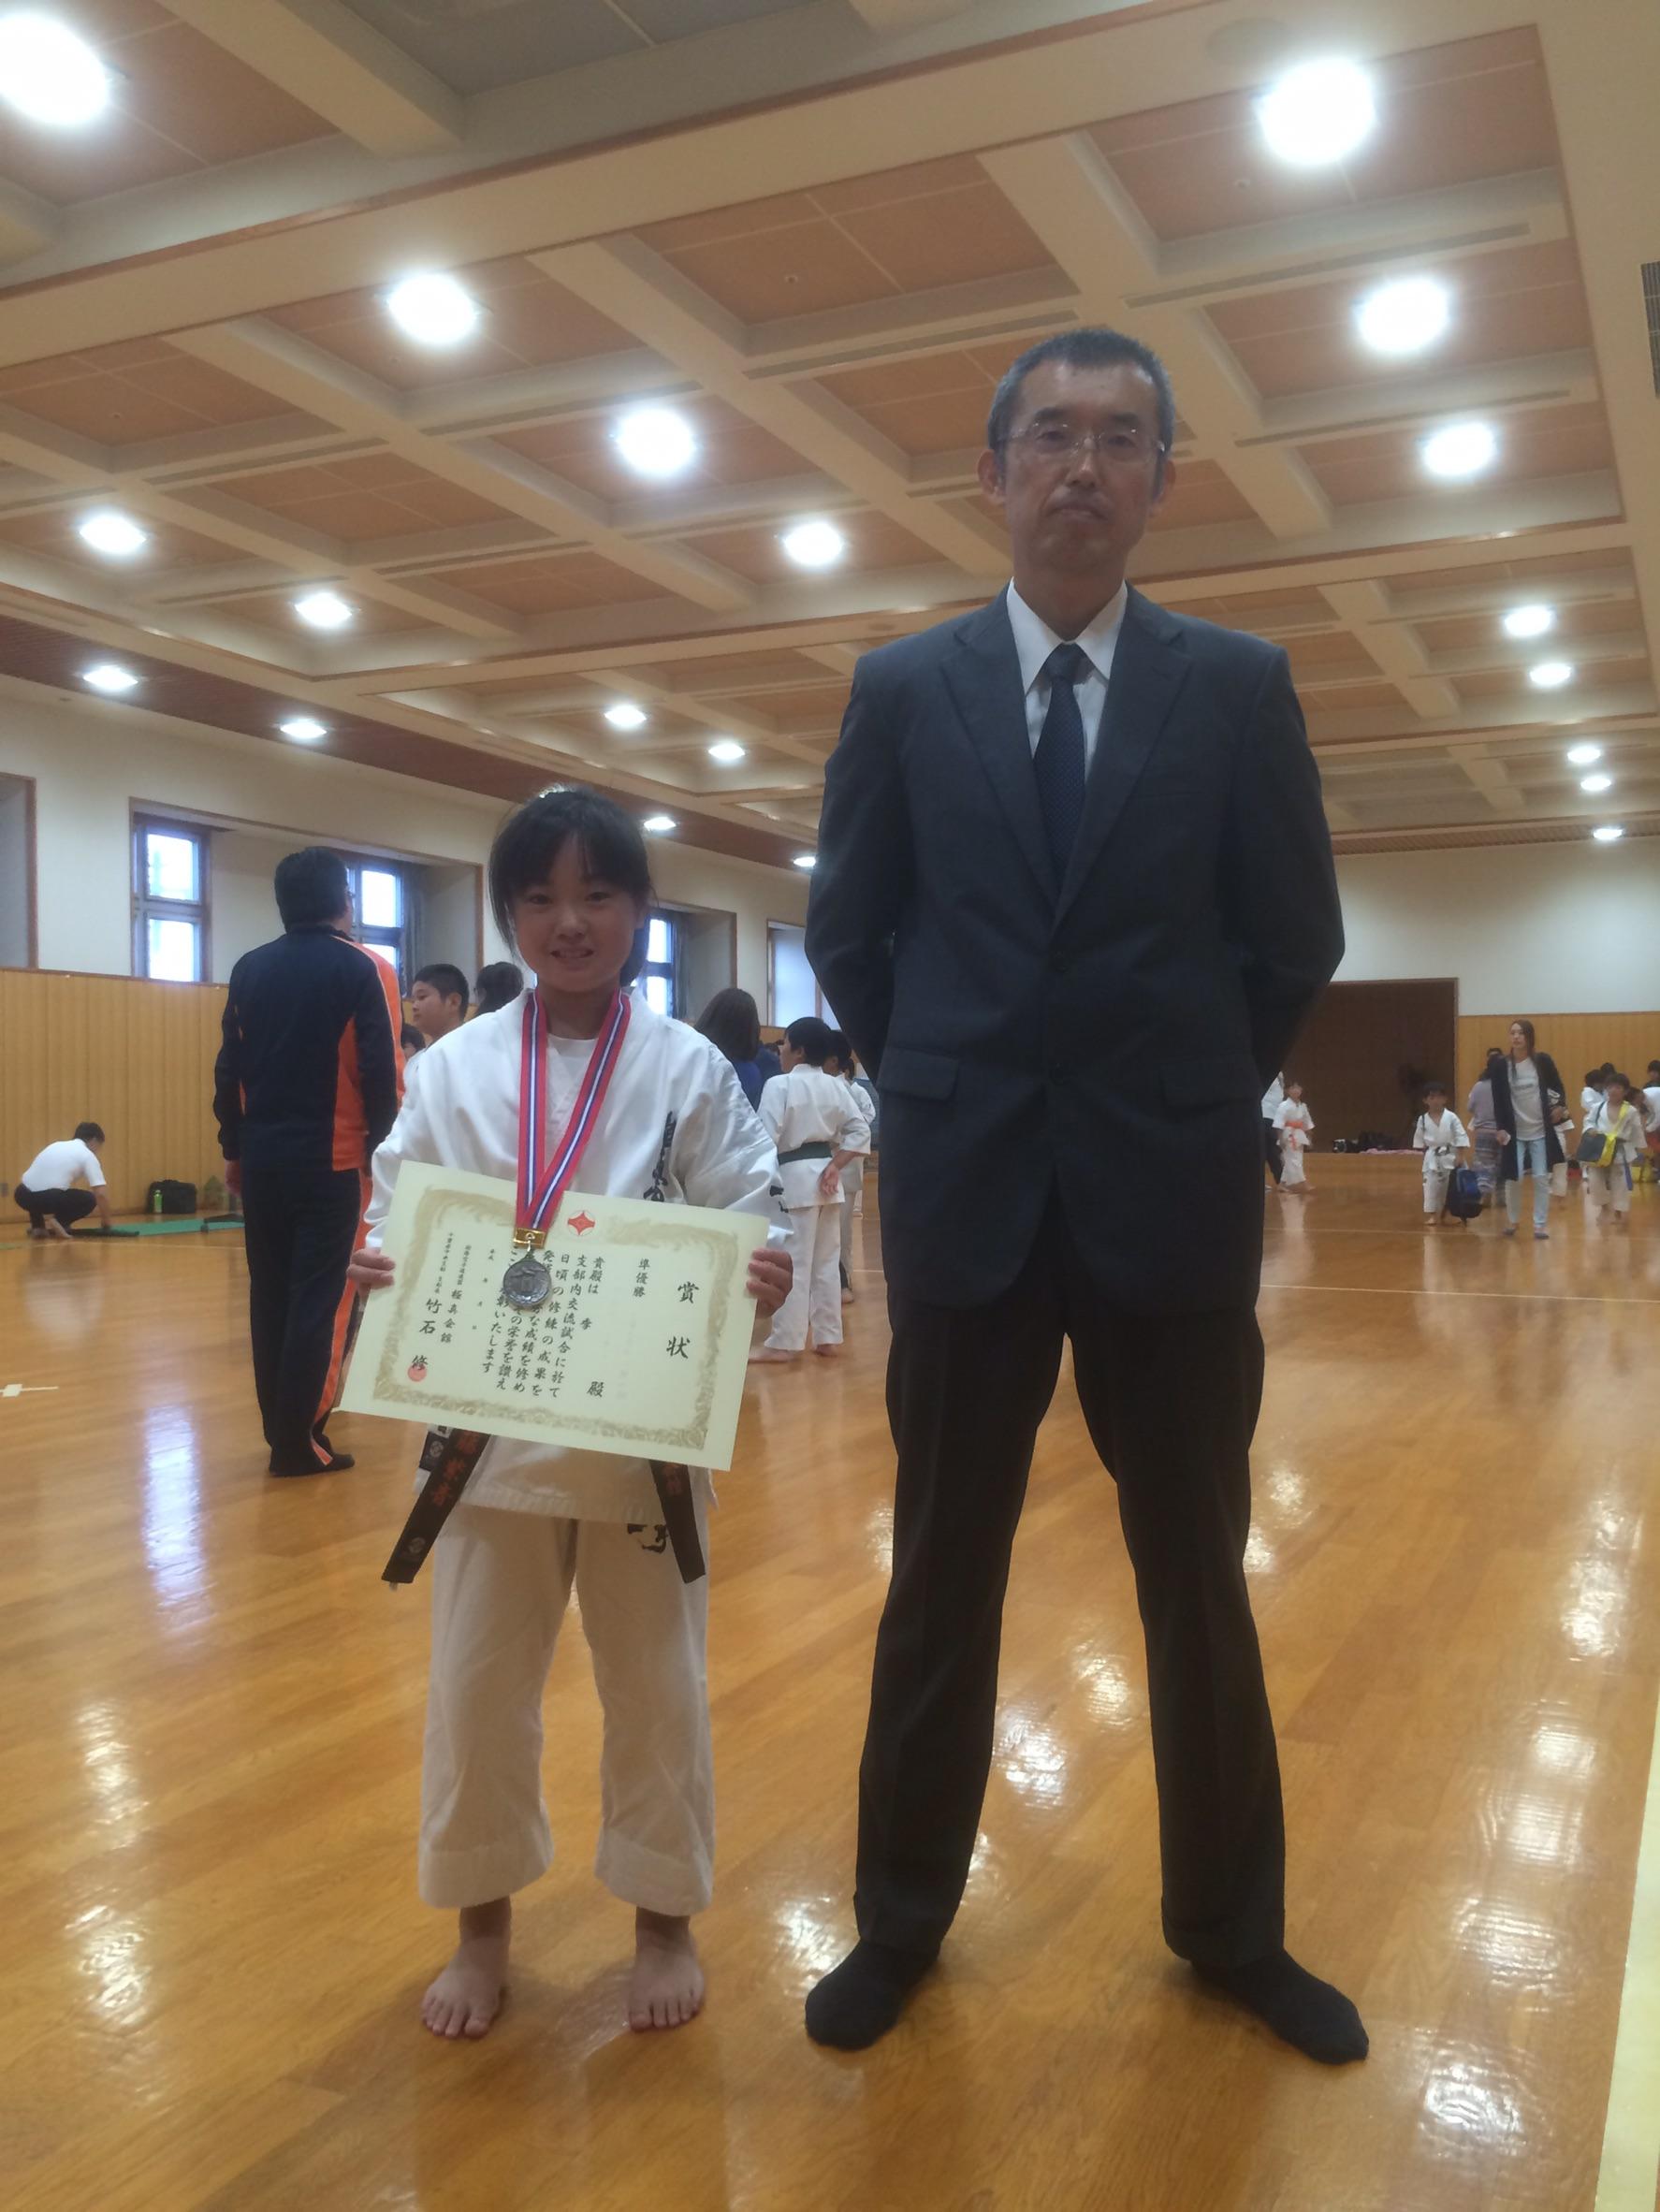 http://www.kyokushin-chibaminami.com/images/1474703774713%20%281%29.jpg